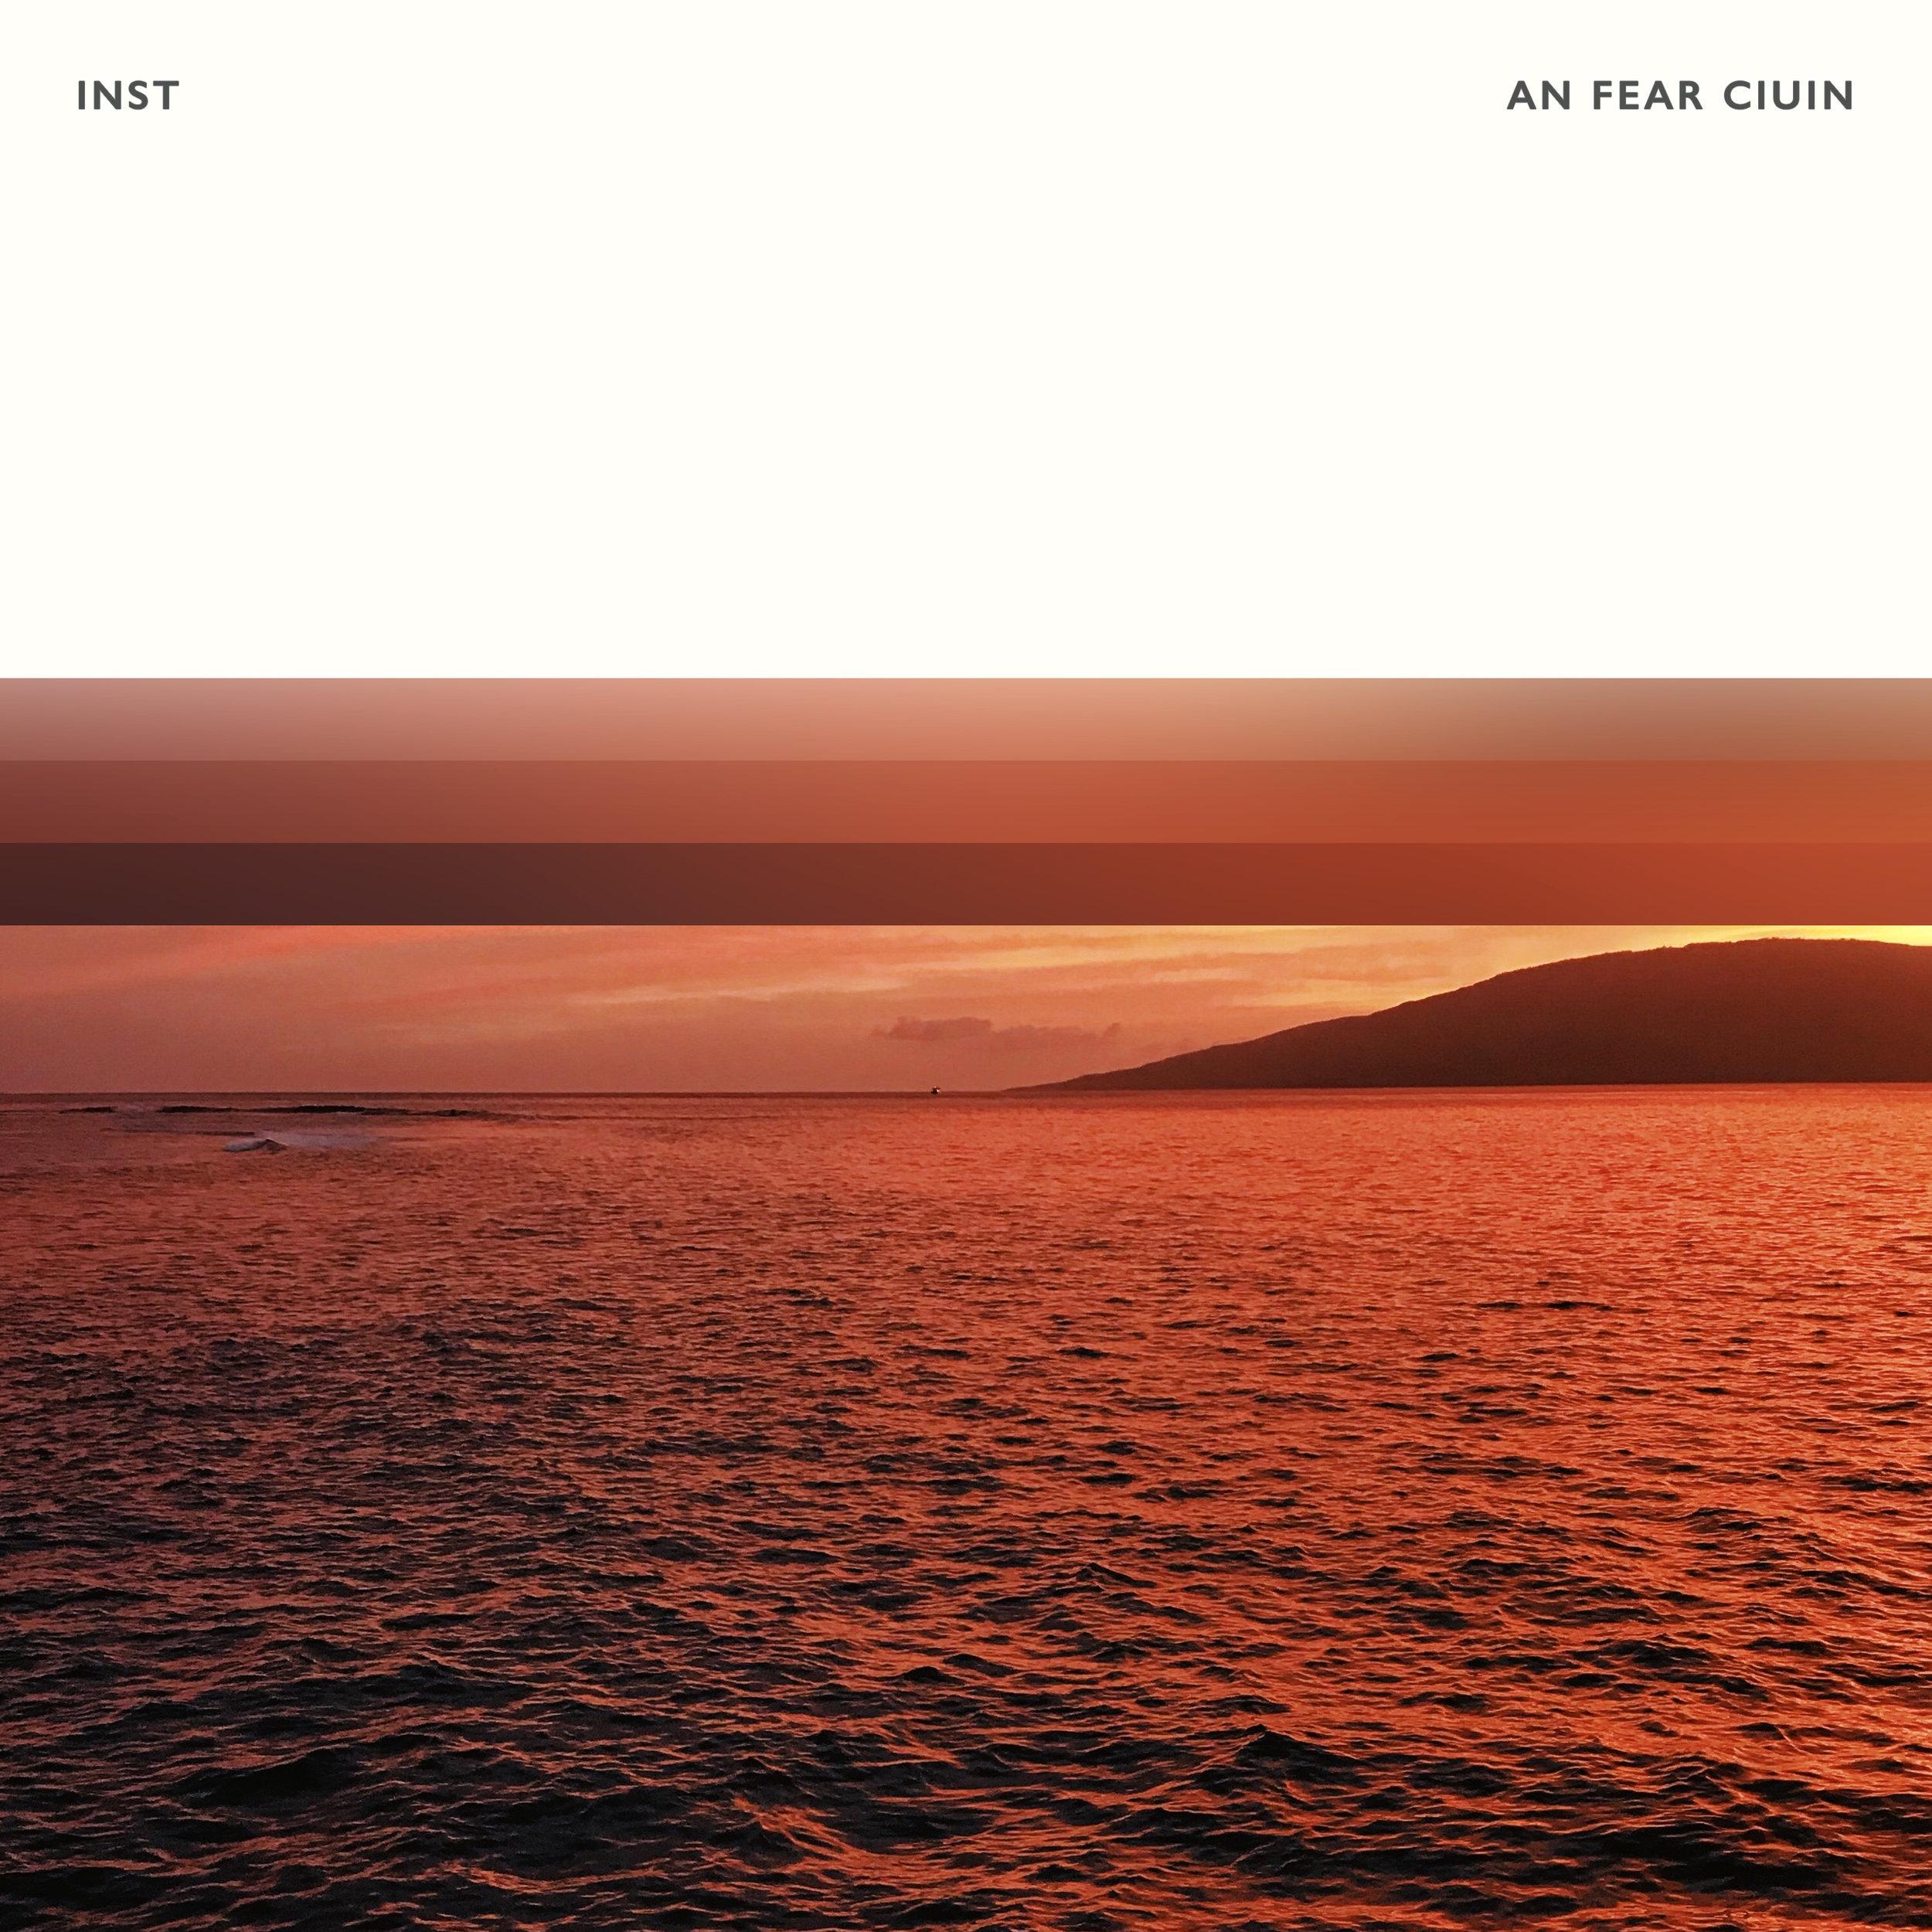 INST - An Fear Ciuin